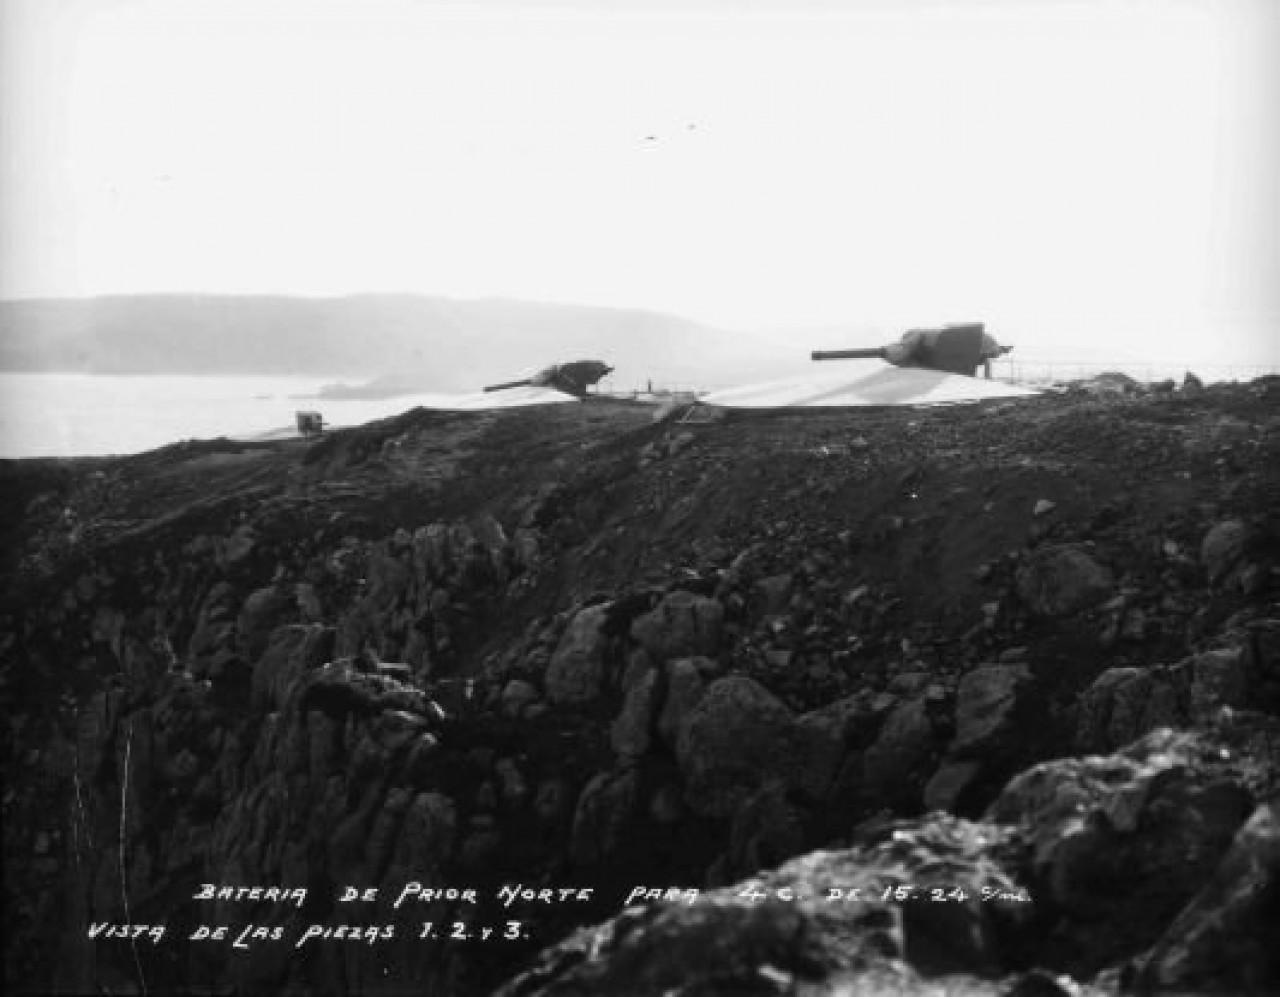 Batería de Prior Norte con vistas a las piezas 1, 2, 3 en  el año 1928